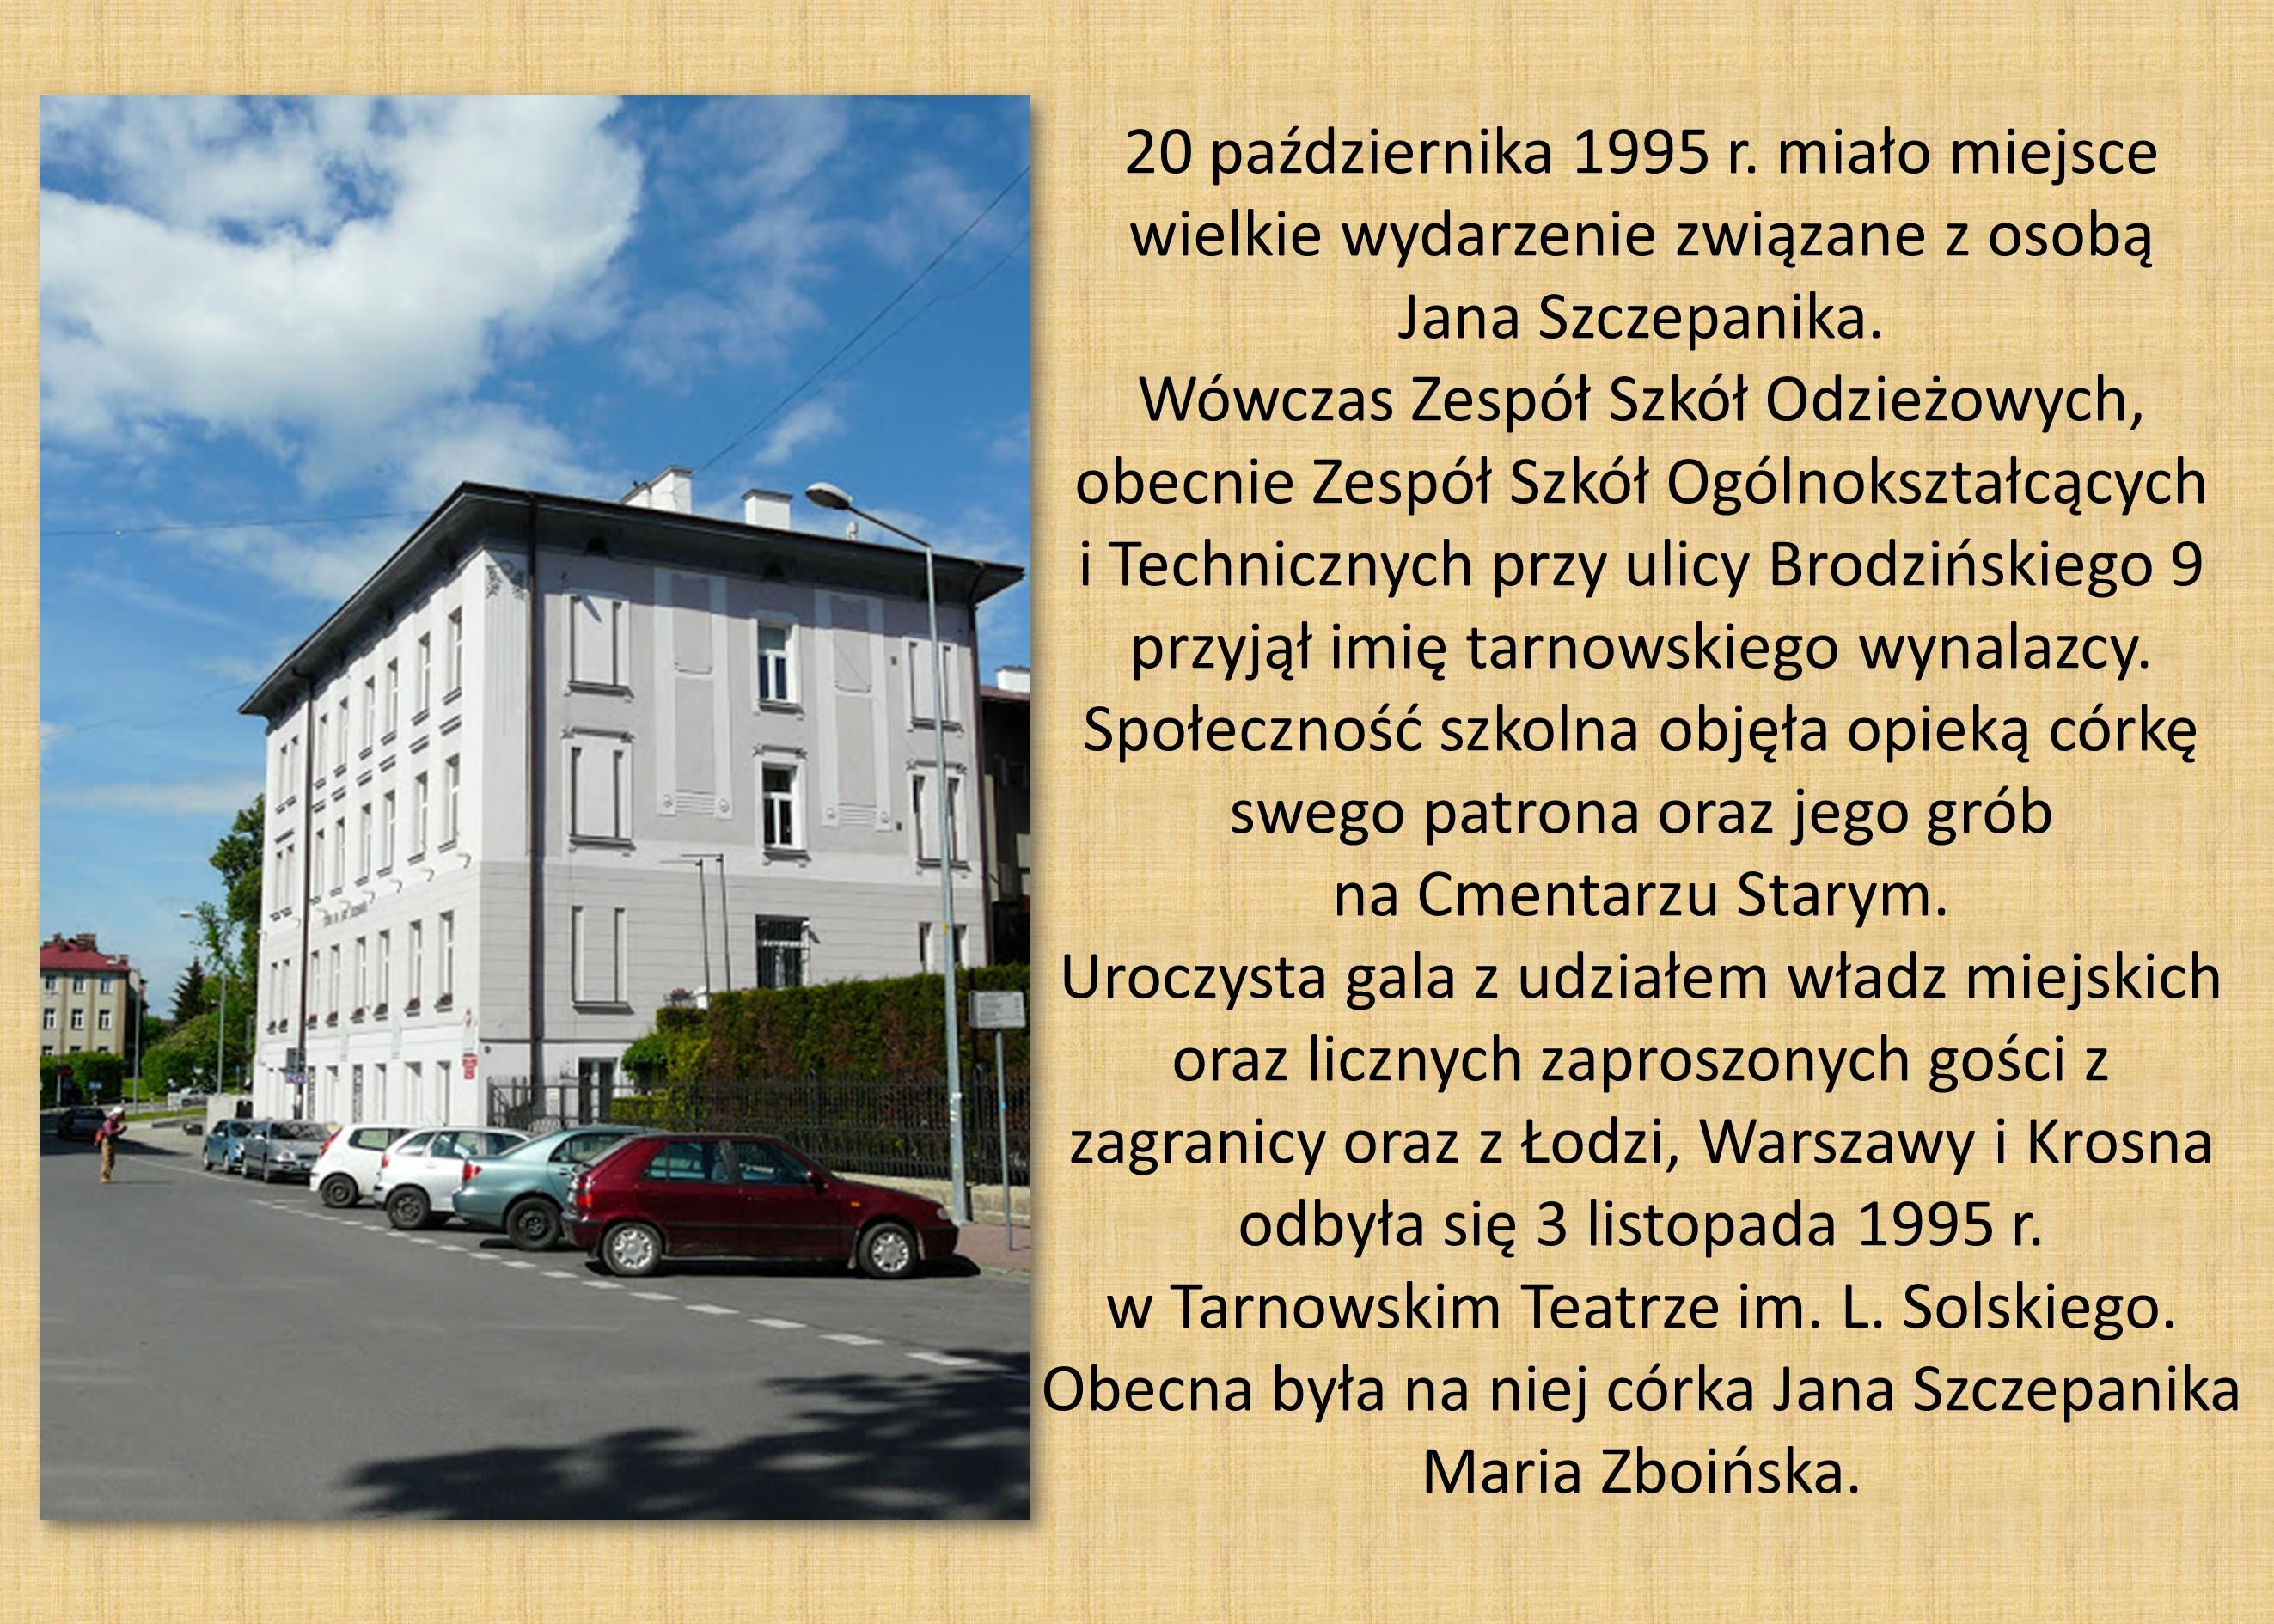 21 - 2.1 LEWO - SZKOŁA SZCZEPANIKA